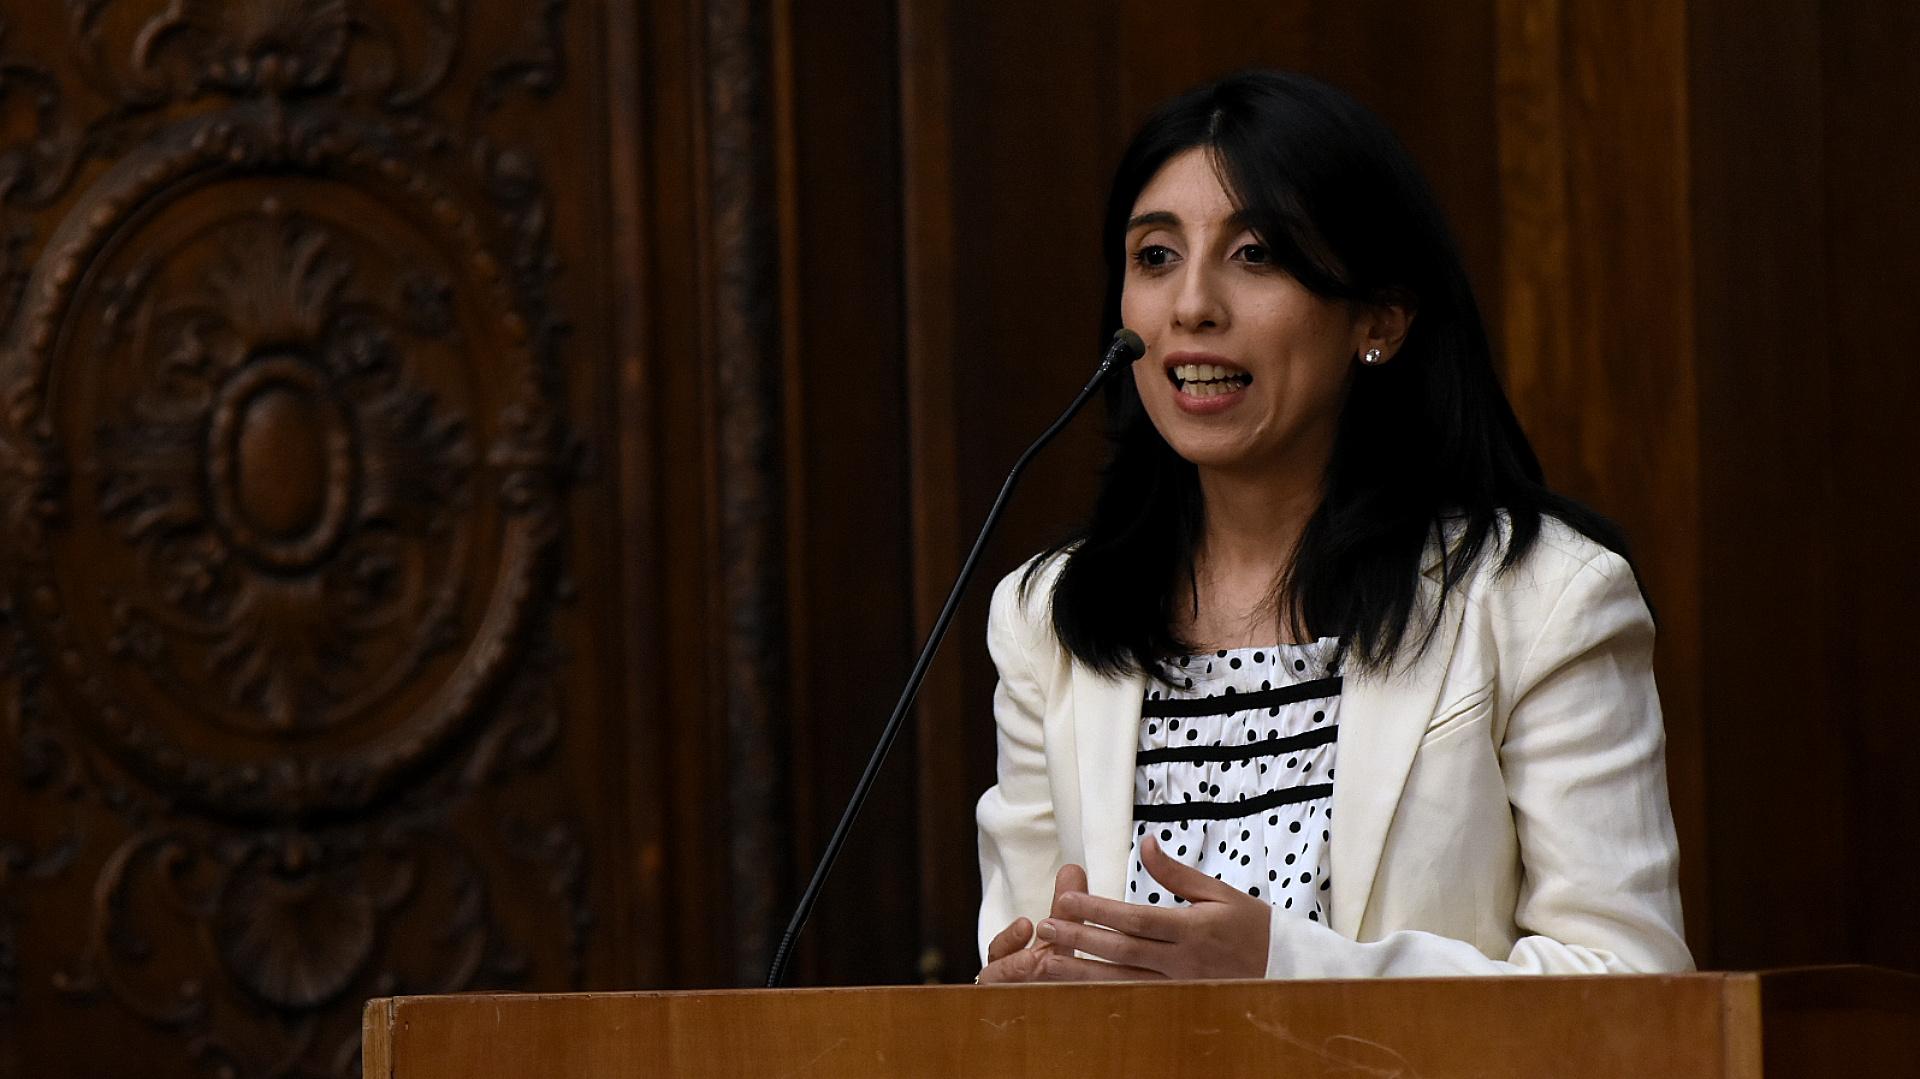 La licenciada en periodismo Cintia Suárez investiga la vida de Mama Antula desde hace casi una década